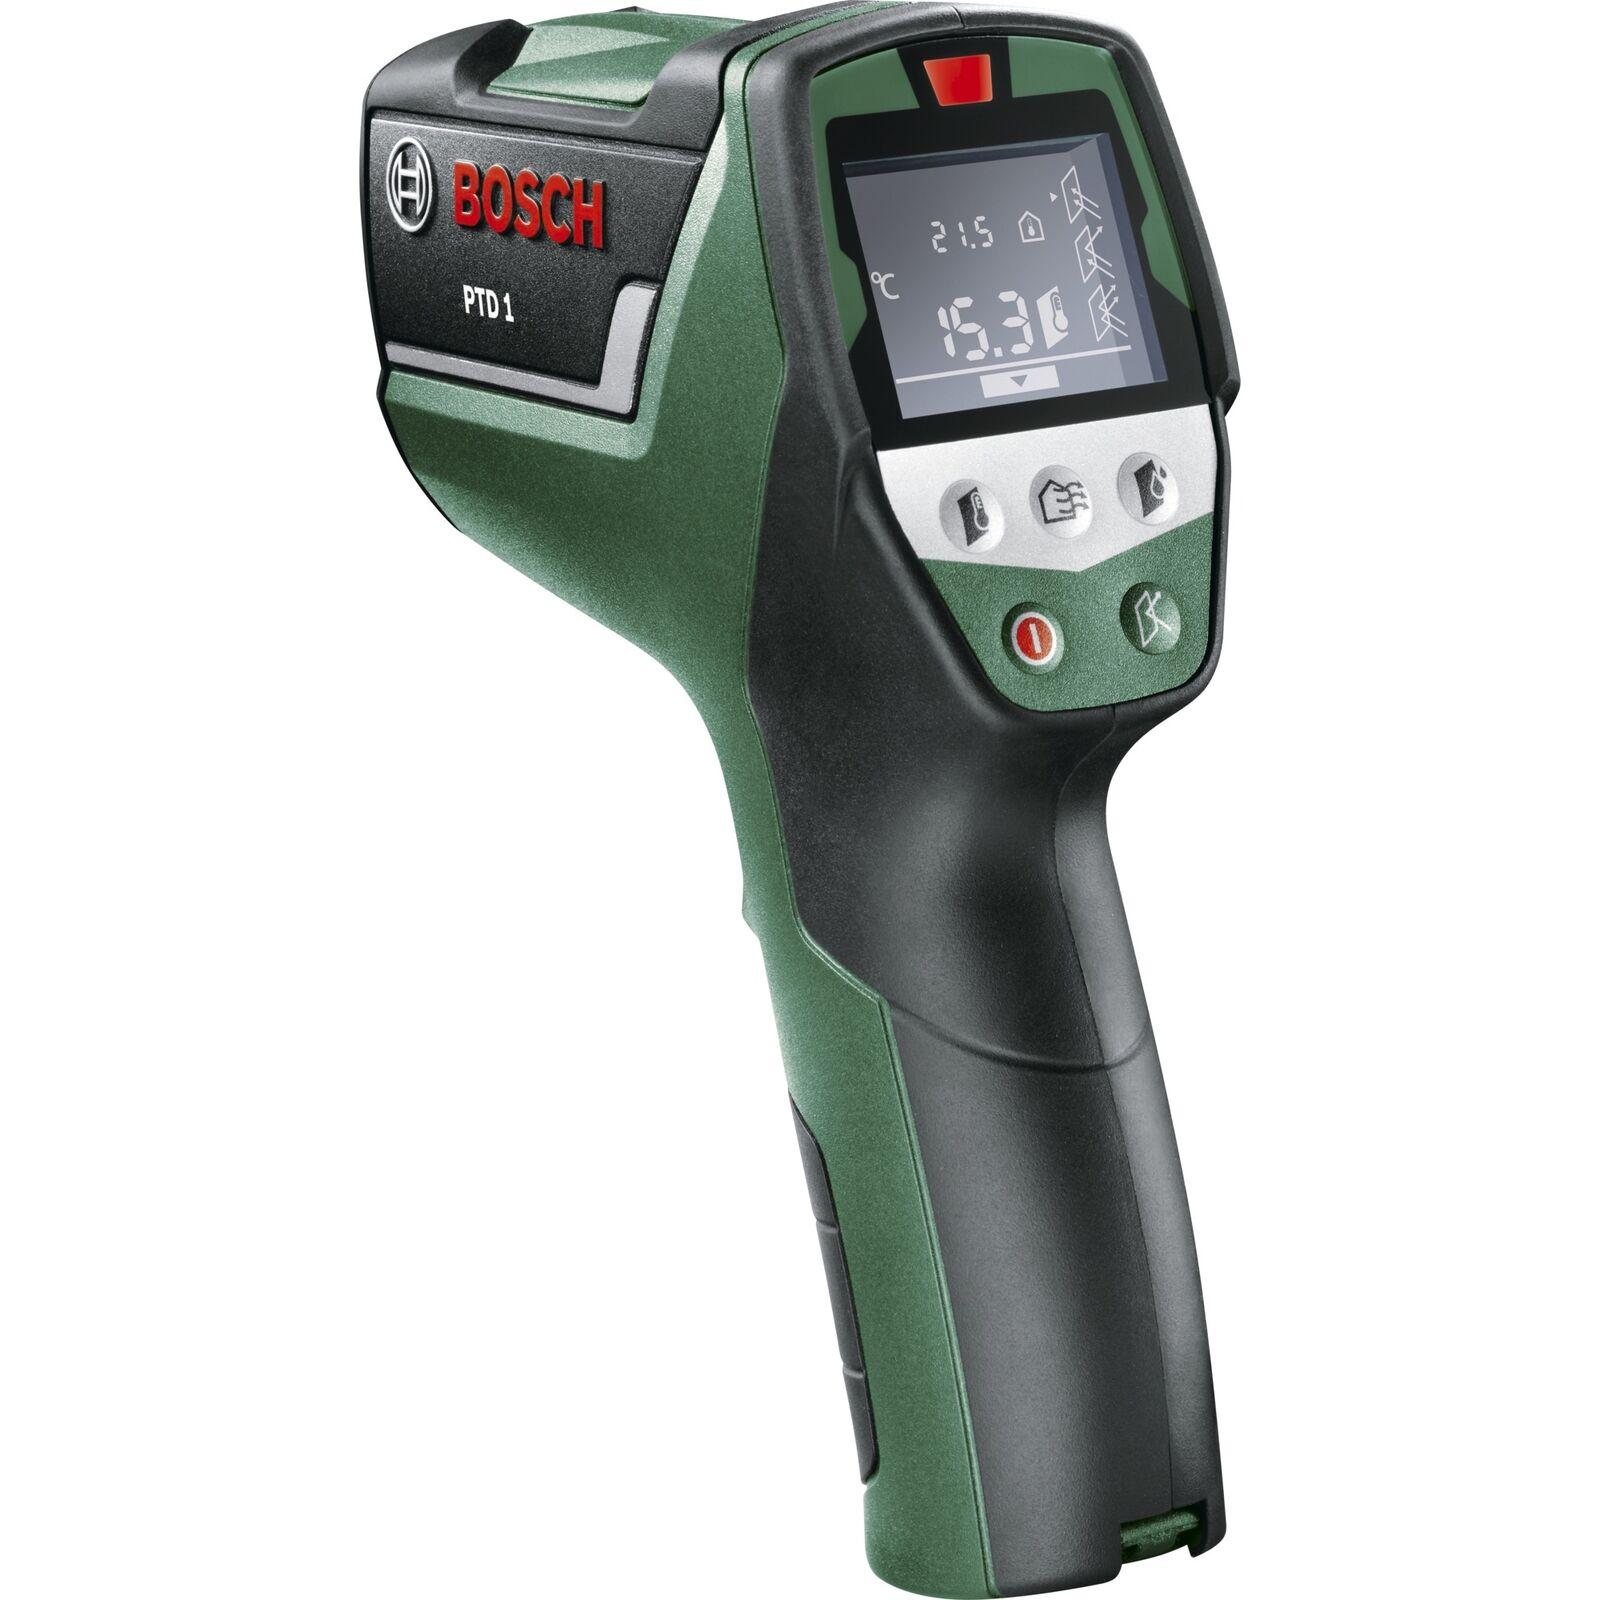 Bosch Heimwerken & Garten Thermodetektor PTD 1, grün